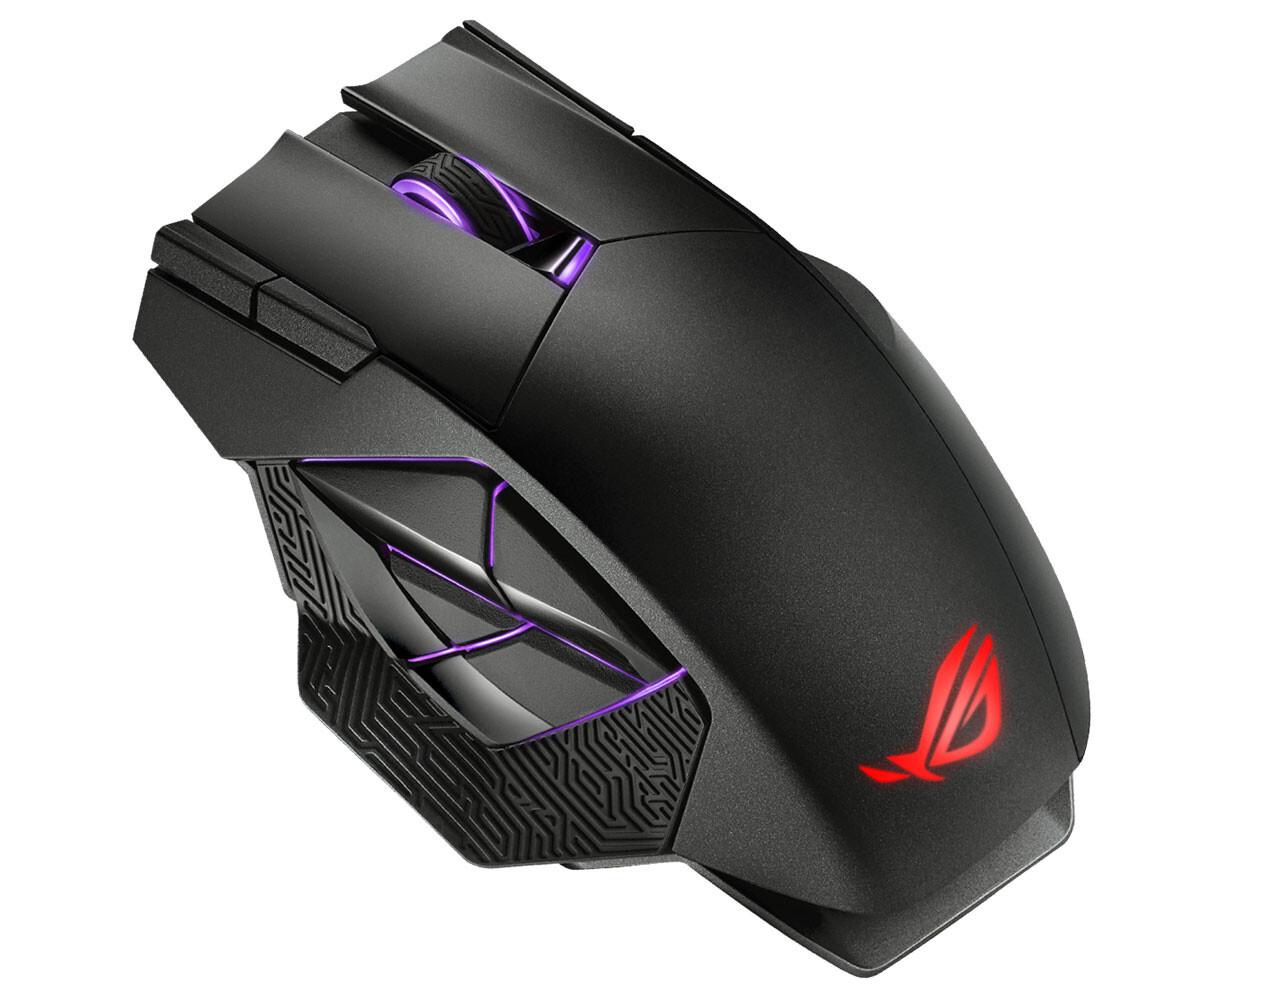 Asus представила беспроводную мышь ROG Spatha X для фанатов многопользовательских игр